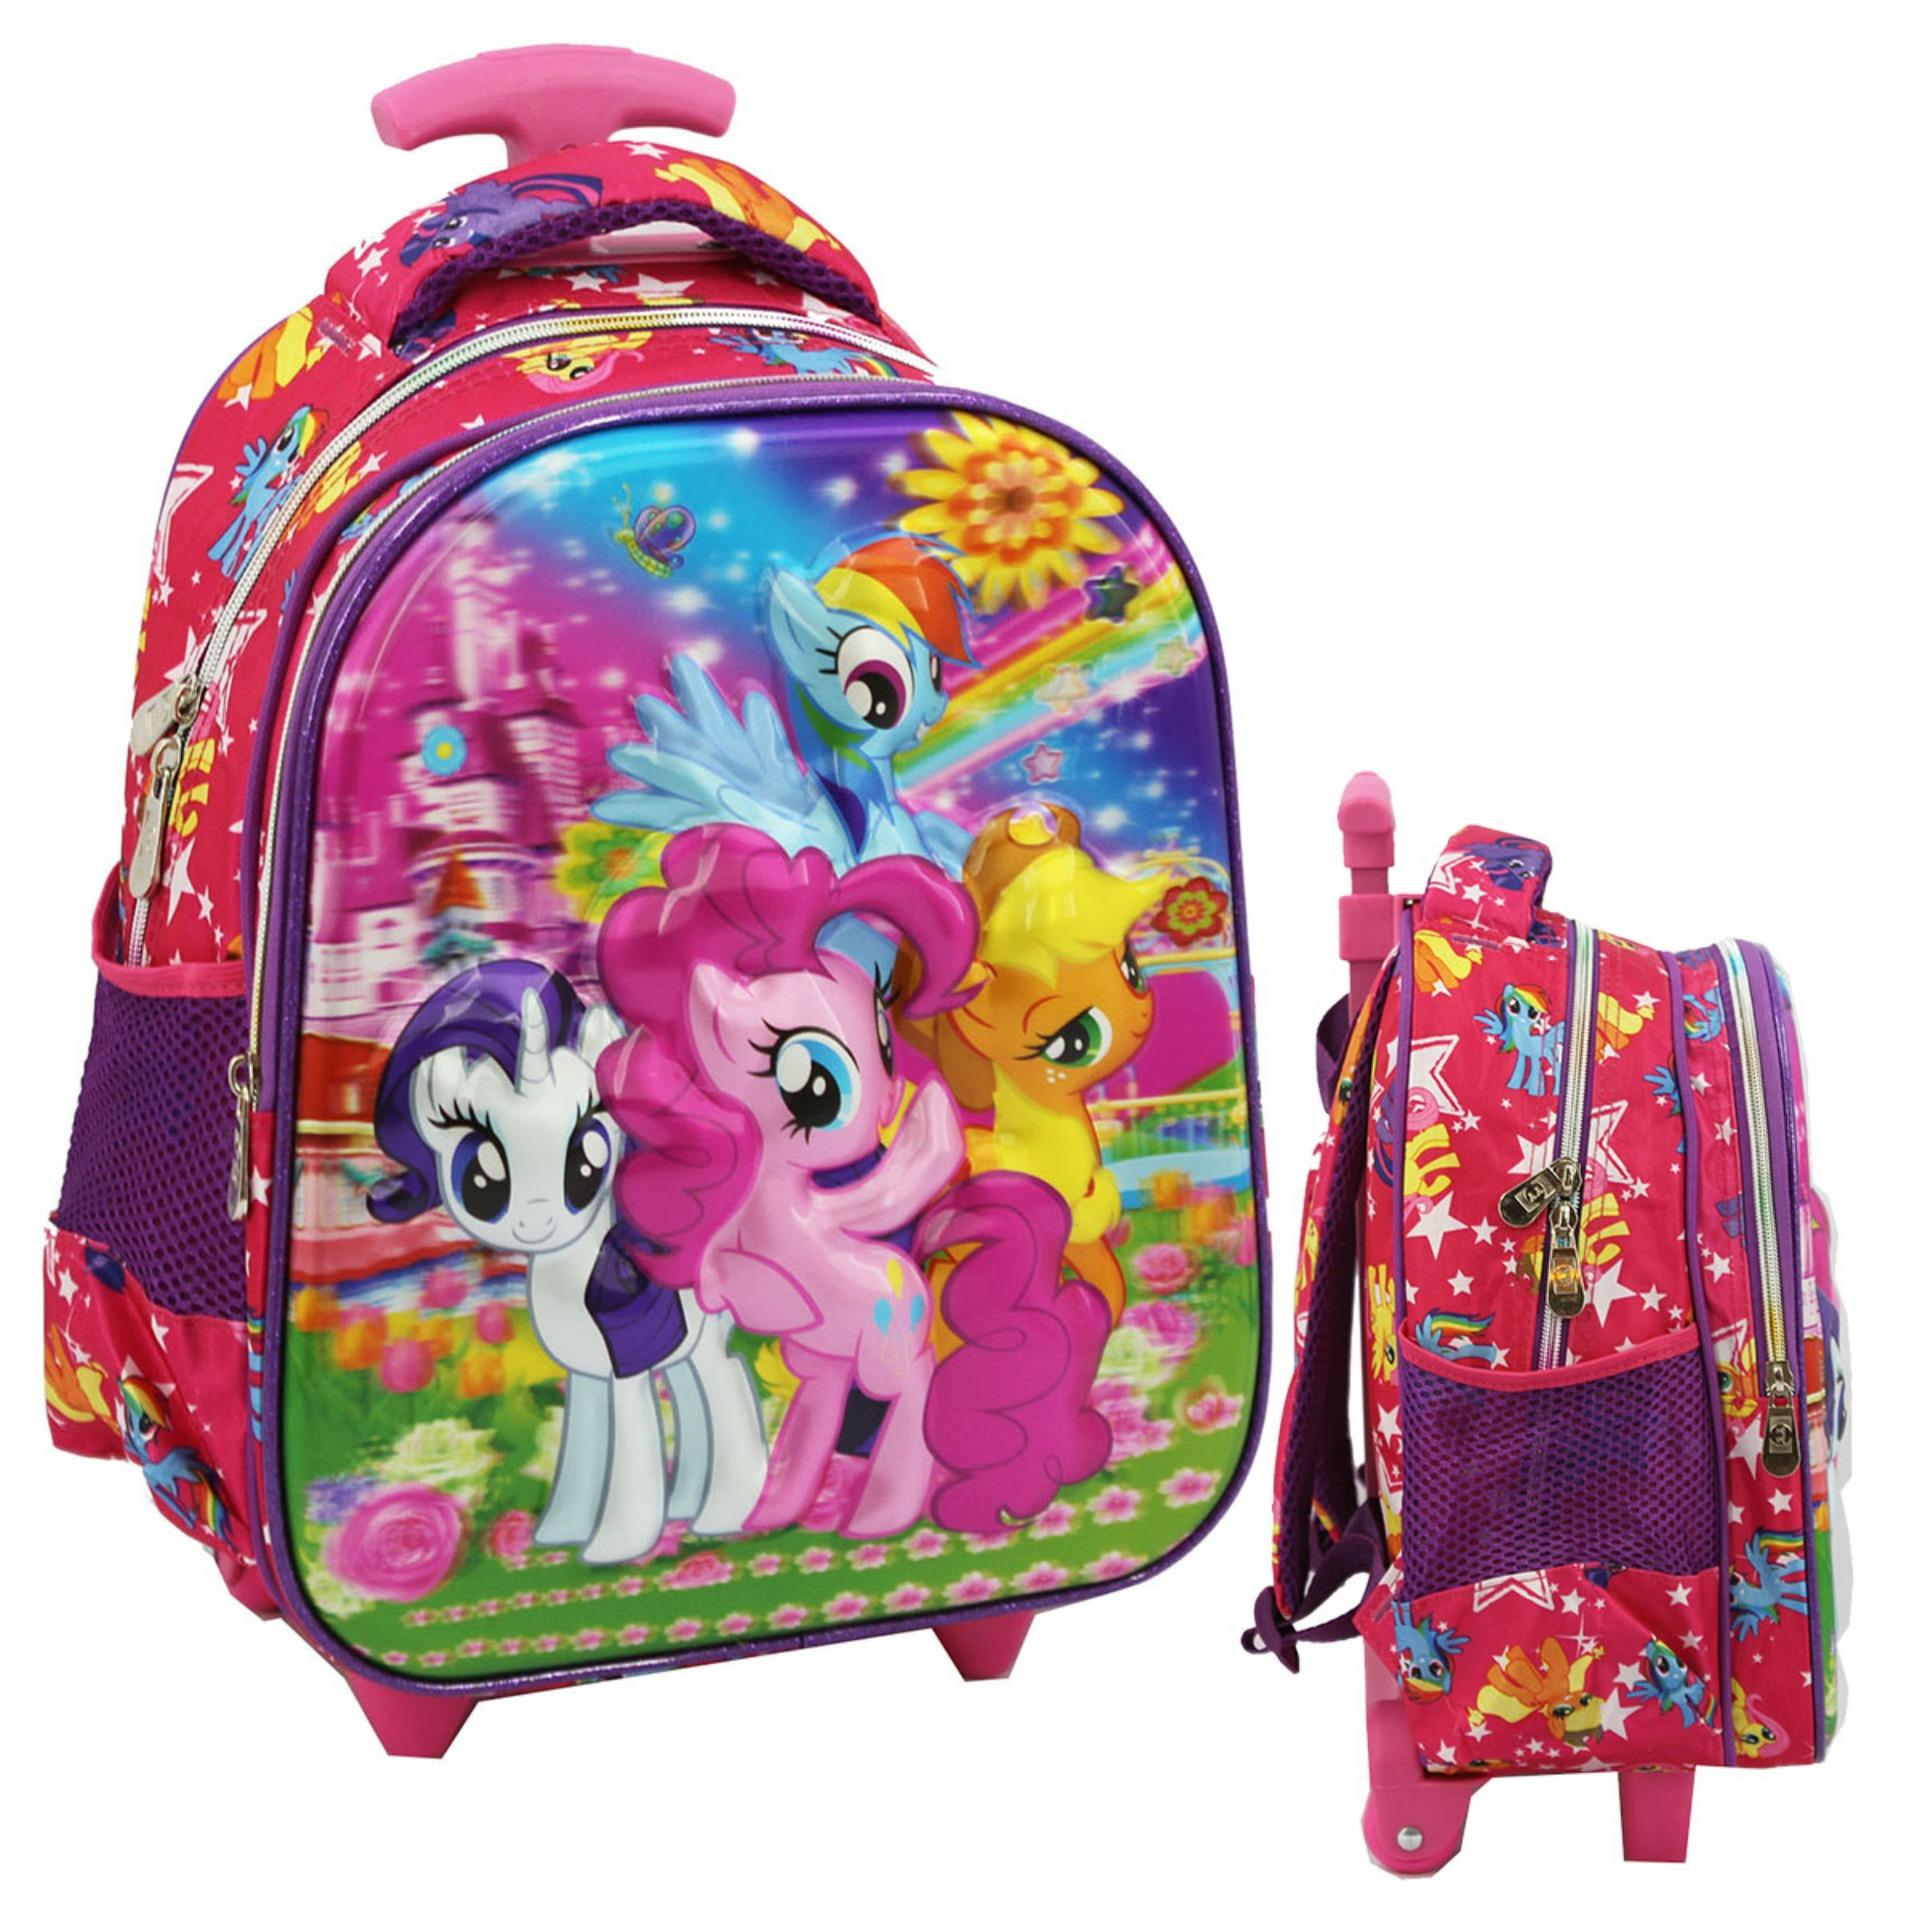 Onlan My Little Pony 5D Timbul Hologram Trolley Anak Sekolah Tk Ungu Diskon Dki Jakarta